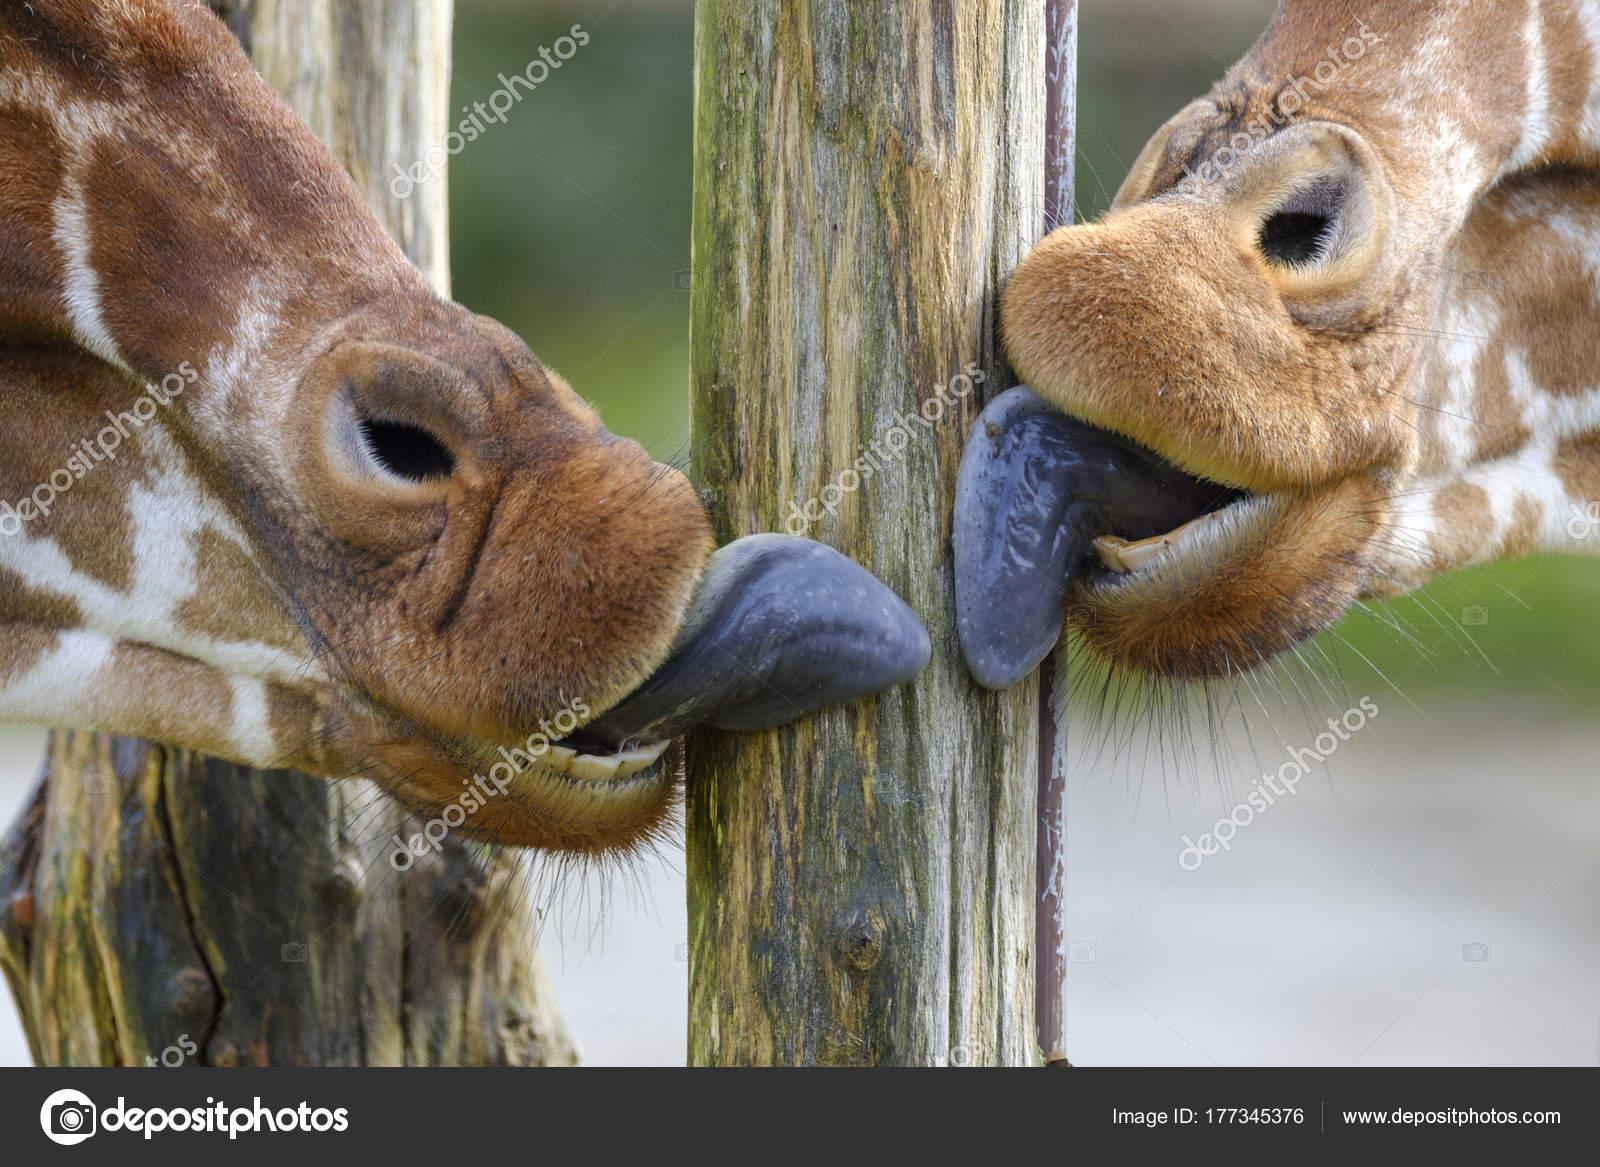 tongues of giraffe licking